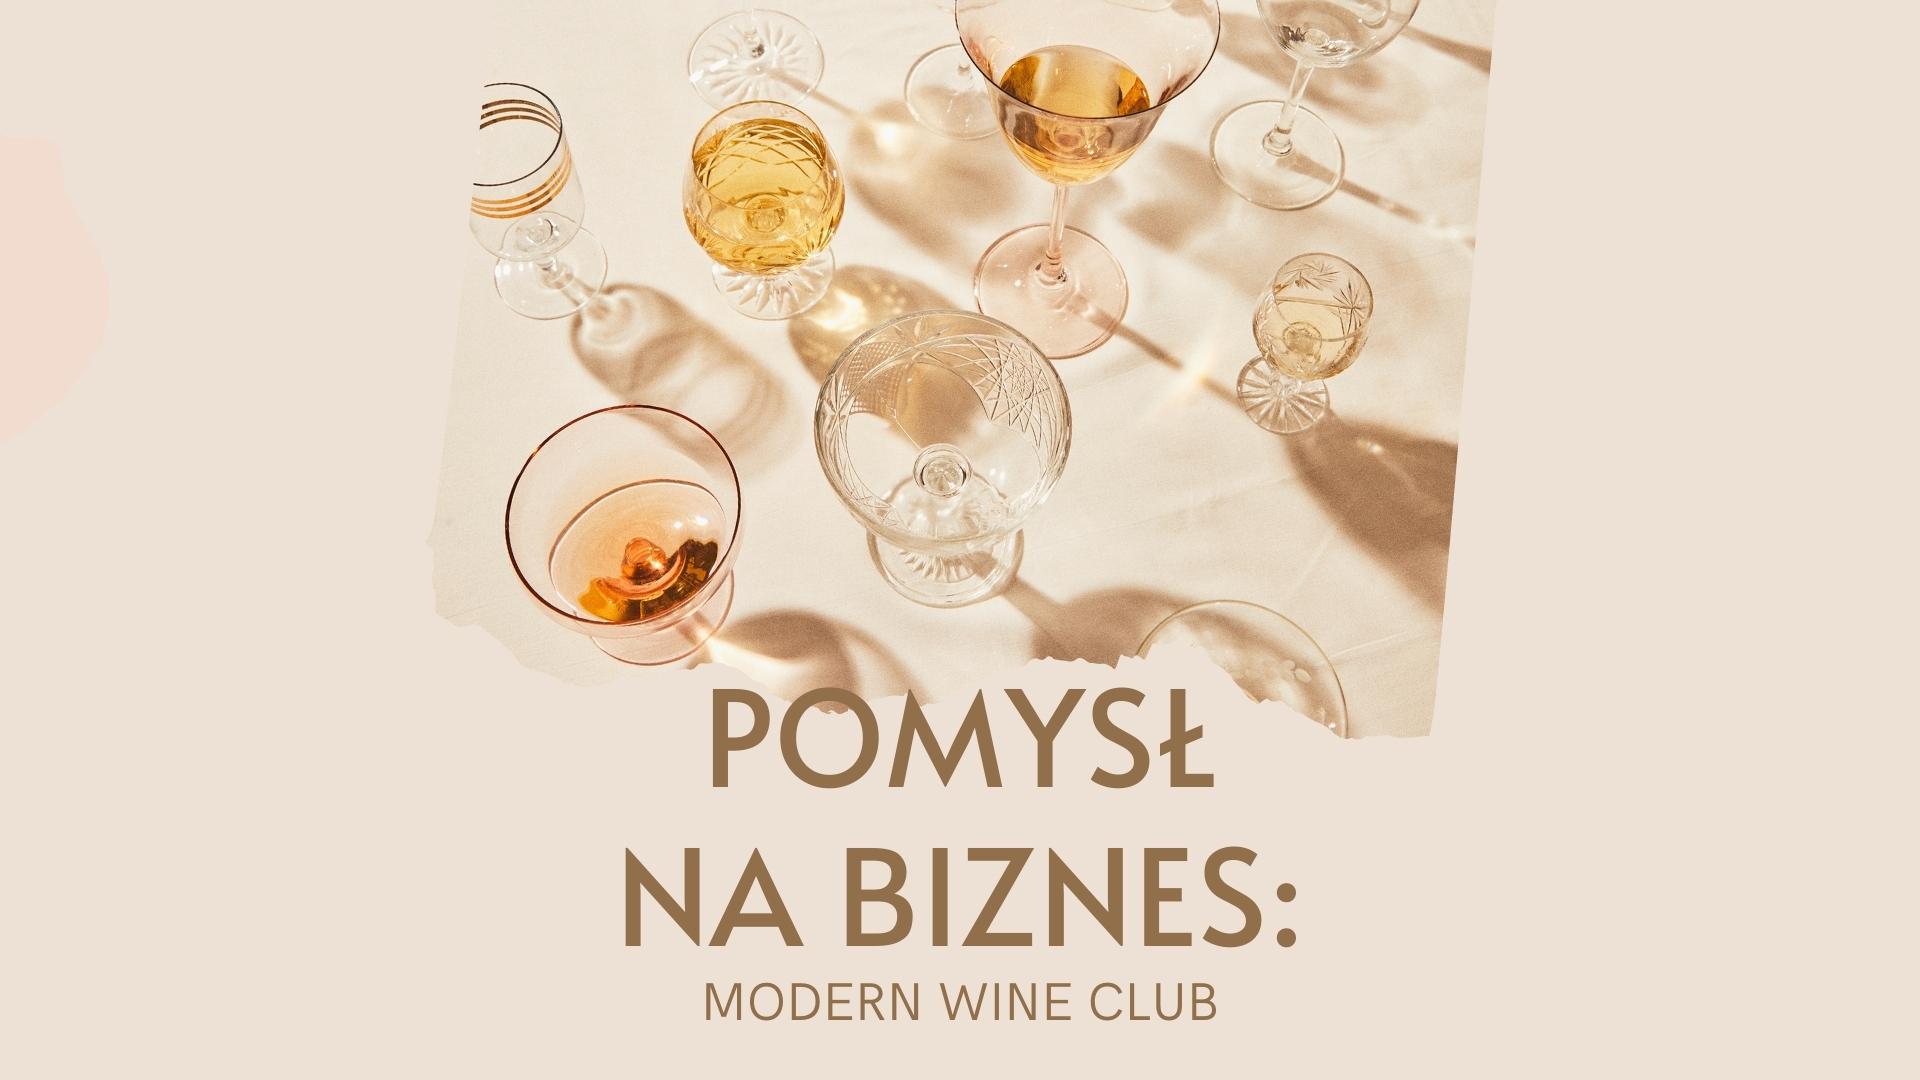 1 wino z dostawą do domu sklep internetowy z winami z dostawą do domu moder wine club subkrybcja wina pod drzwi nietypowy sklep z winami z całego świata gdzie kupic dobre wino jakie wino kupić